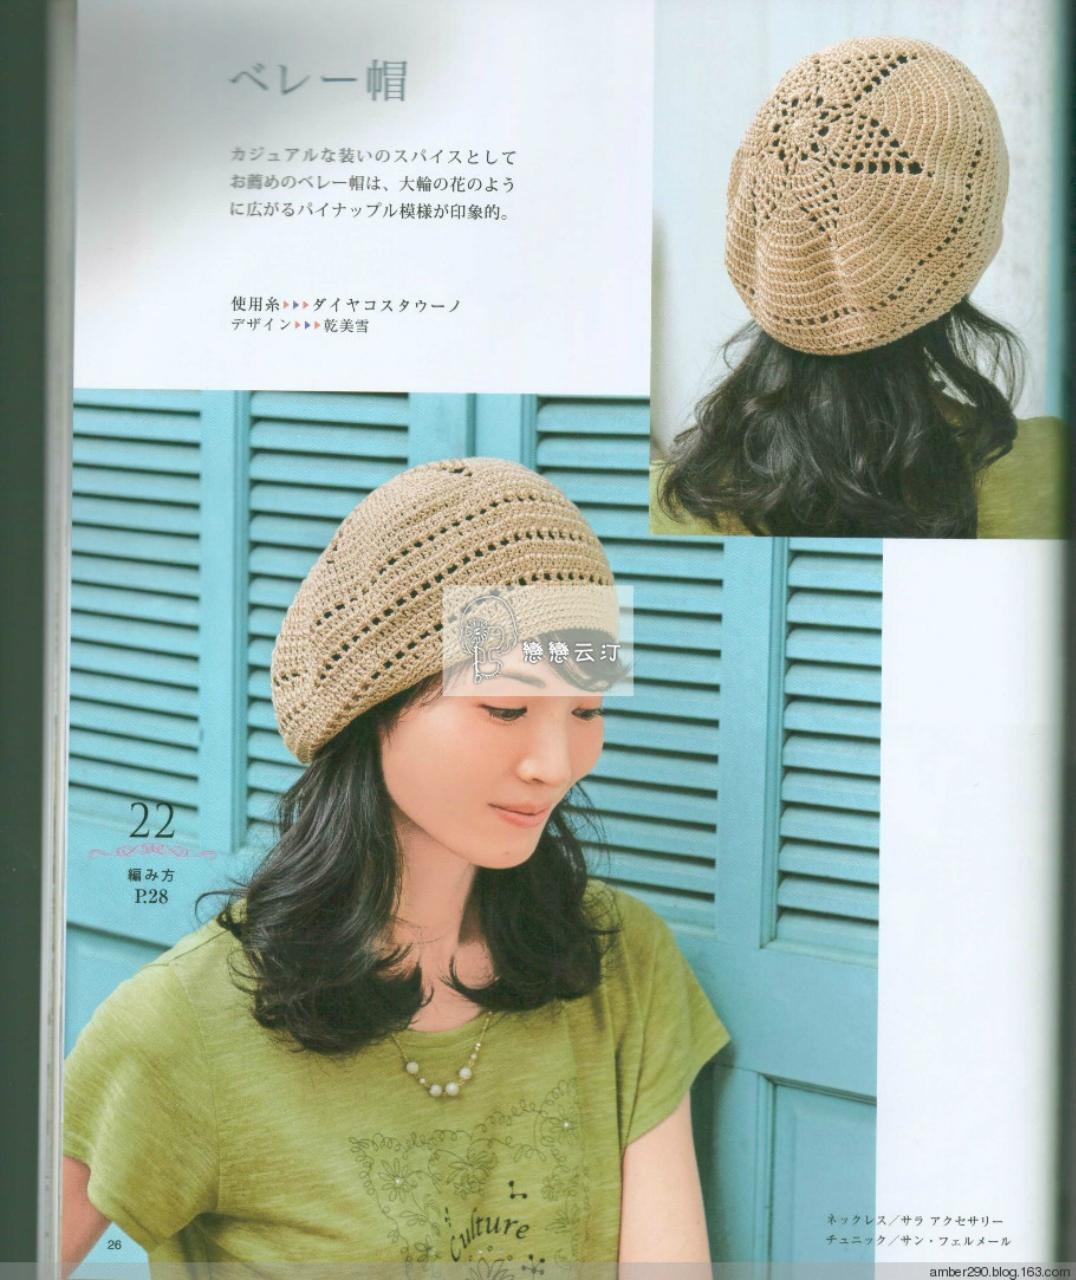 Китайские и японские журналы - Осинка 67